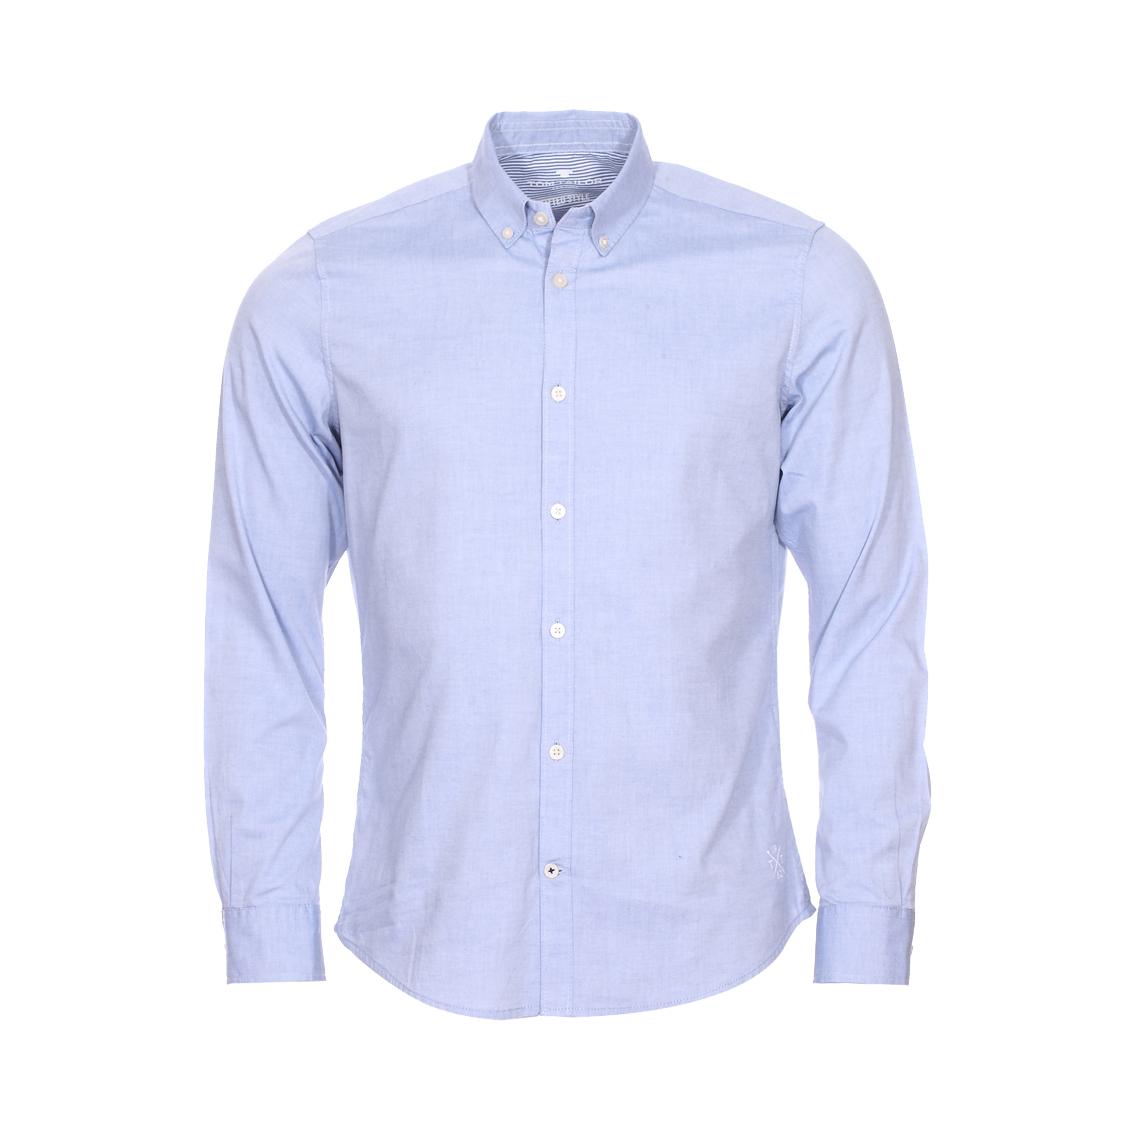 Chemise ajustée  floyd en coton bleu à opposition blanche à rayures bleu chiné